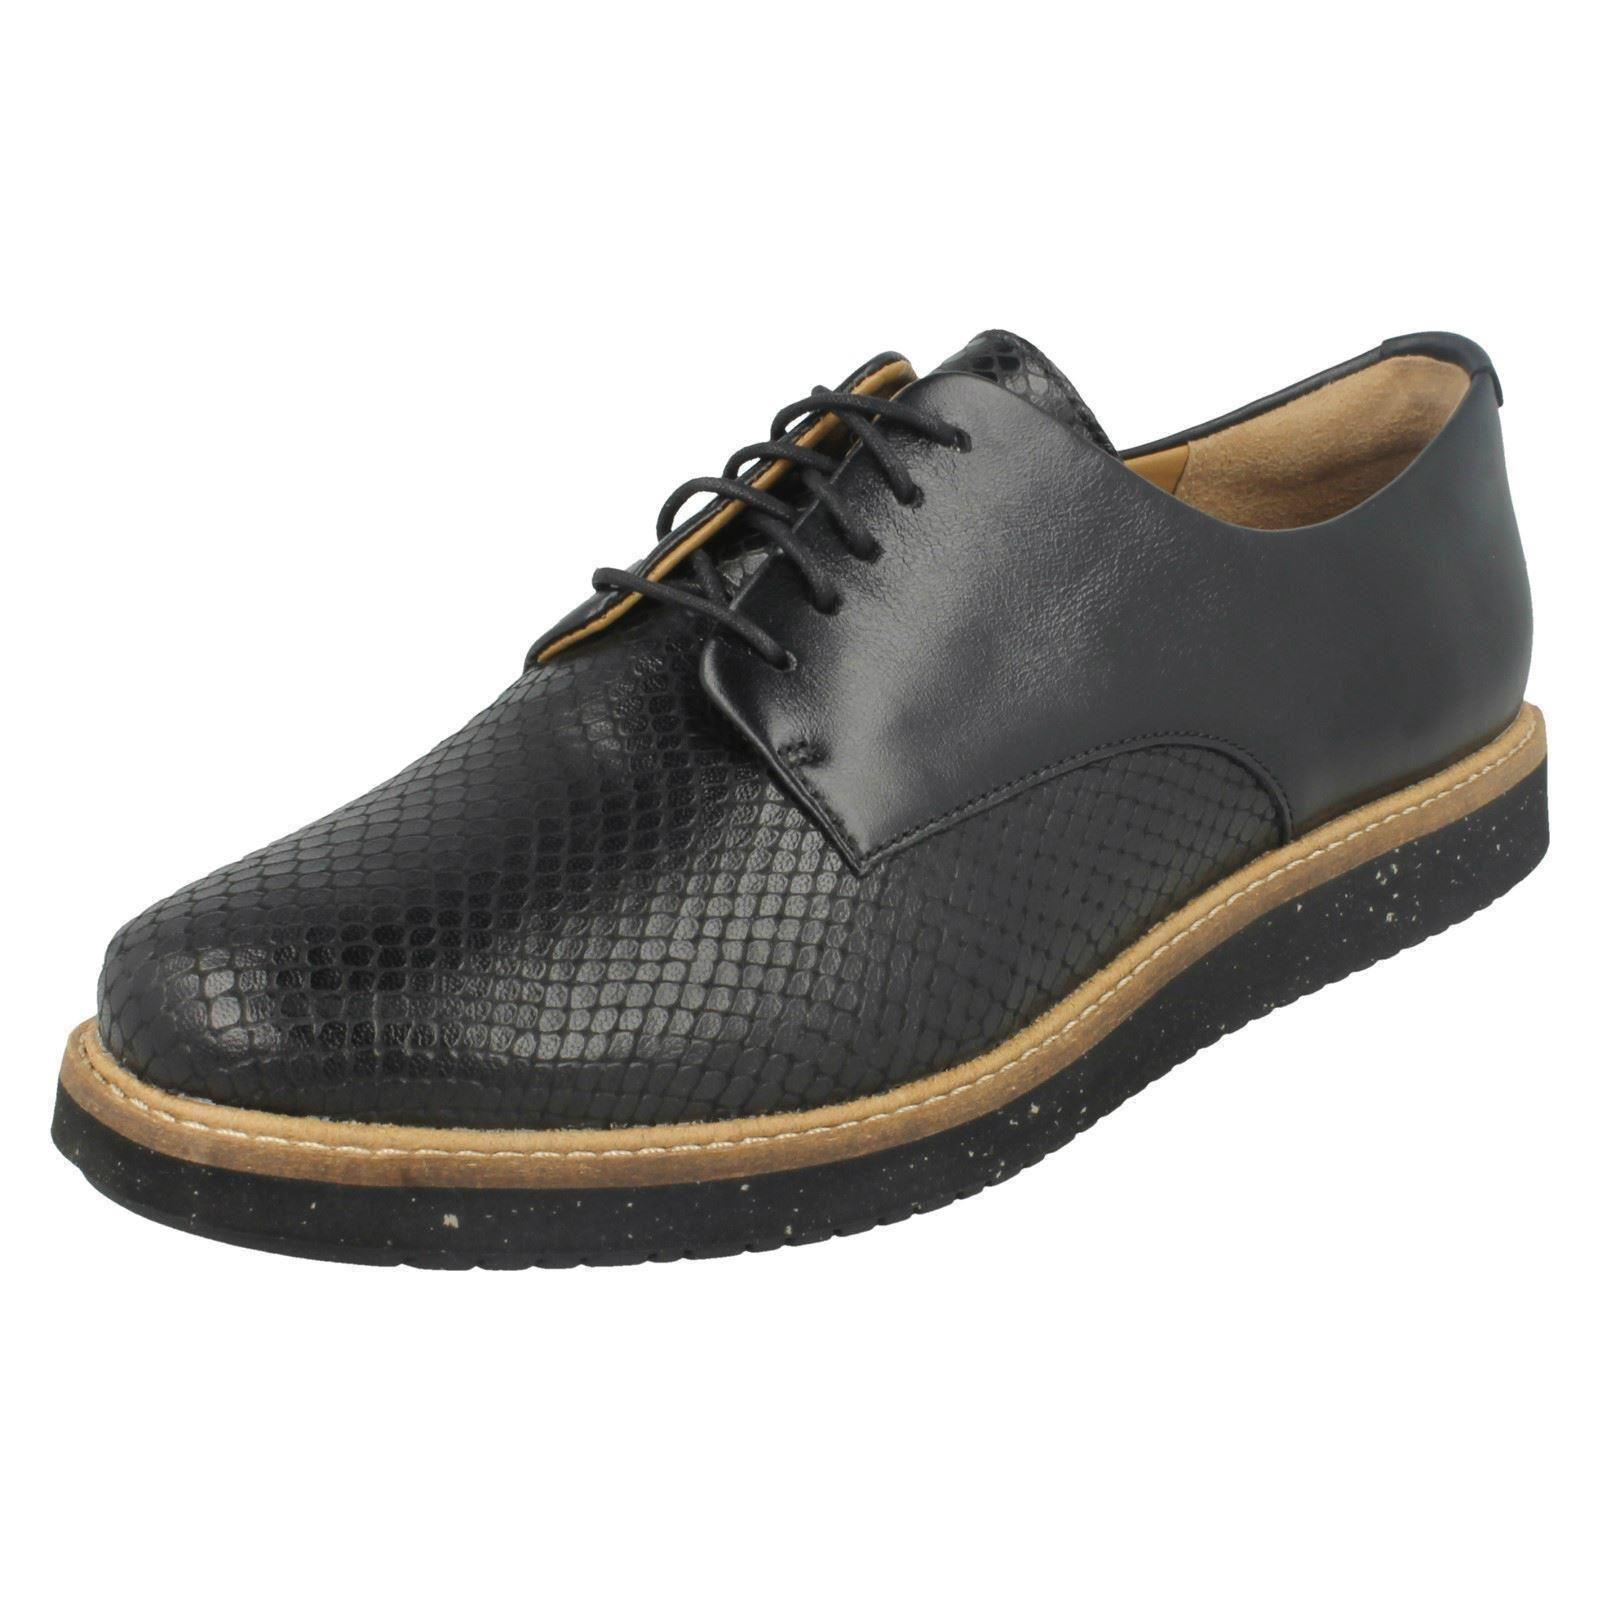 cuero de para Glick Clarks dama Darby casual Calzado negro Everyday wCnEq7H5x